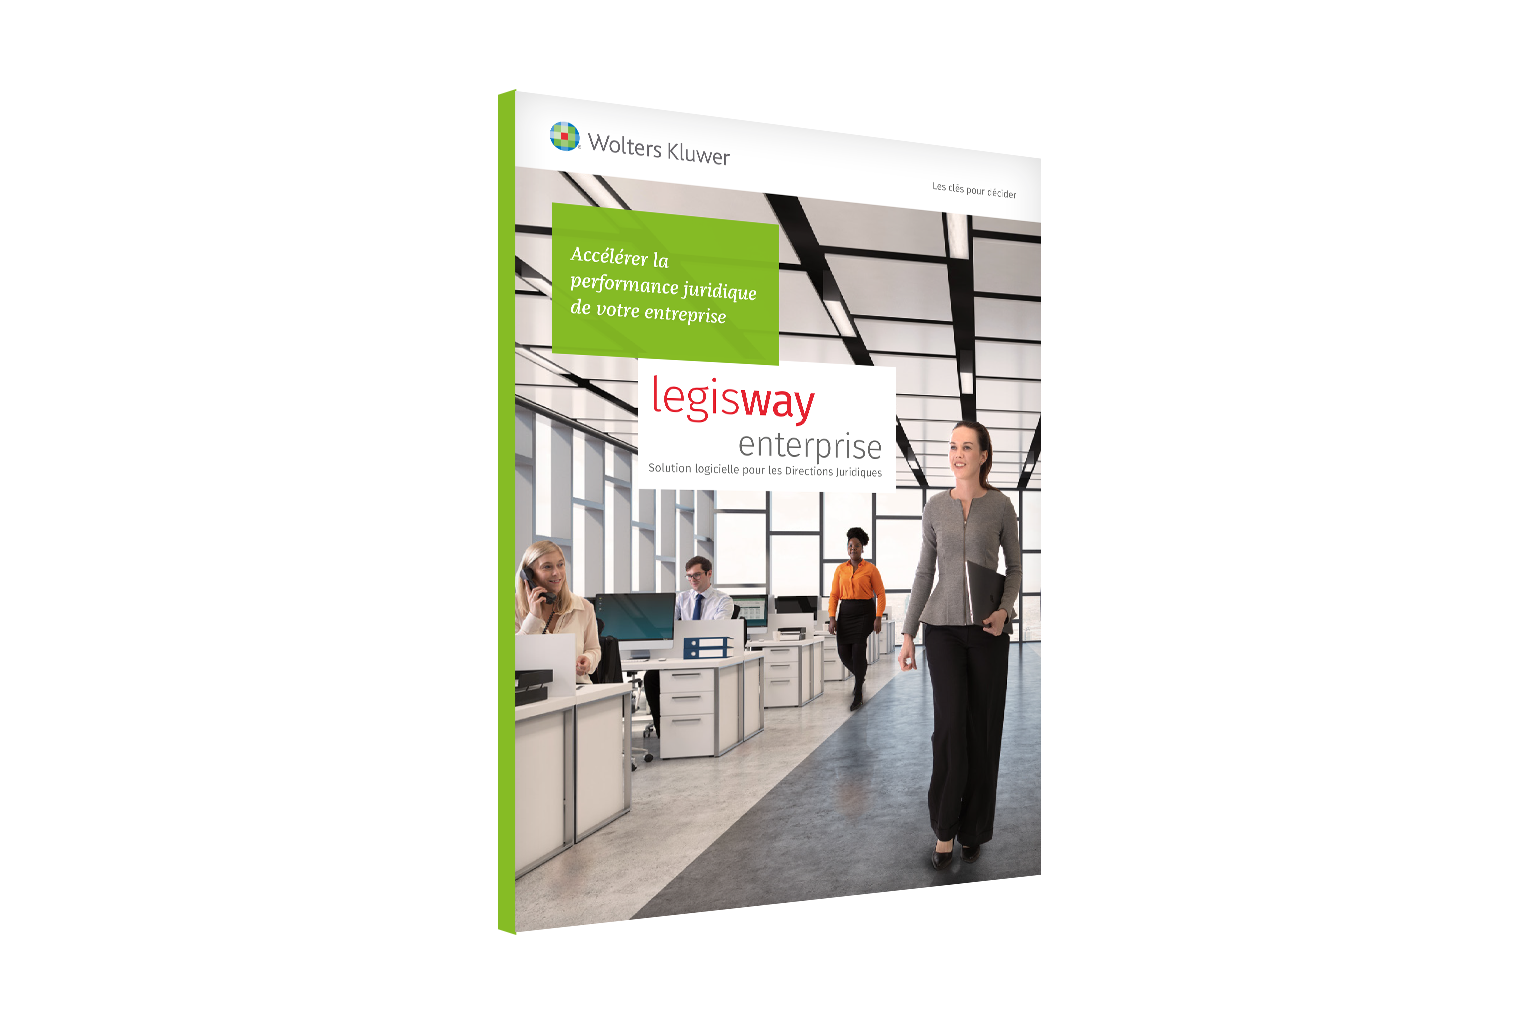 Téléchargez Le Brochure Legisway Enterprise